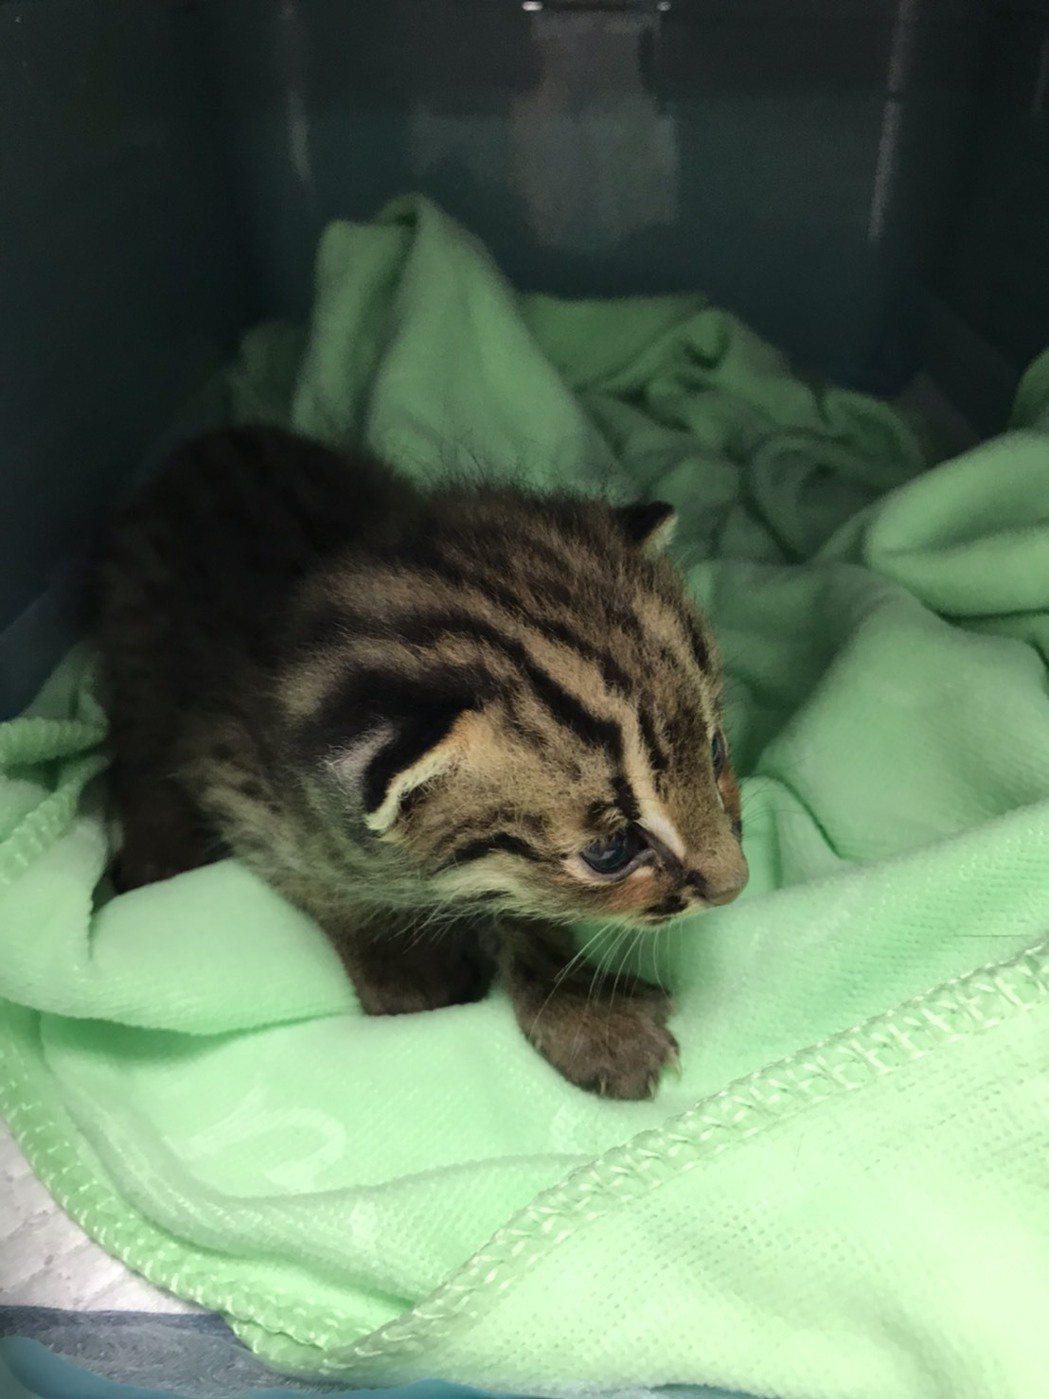 一隻出生僅約2周的雄性小石虎昨晚9點多在苗栗縣通霄鎮被巡田的農民發現。圖/苗栗縣...